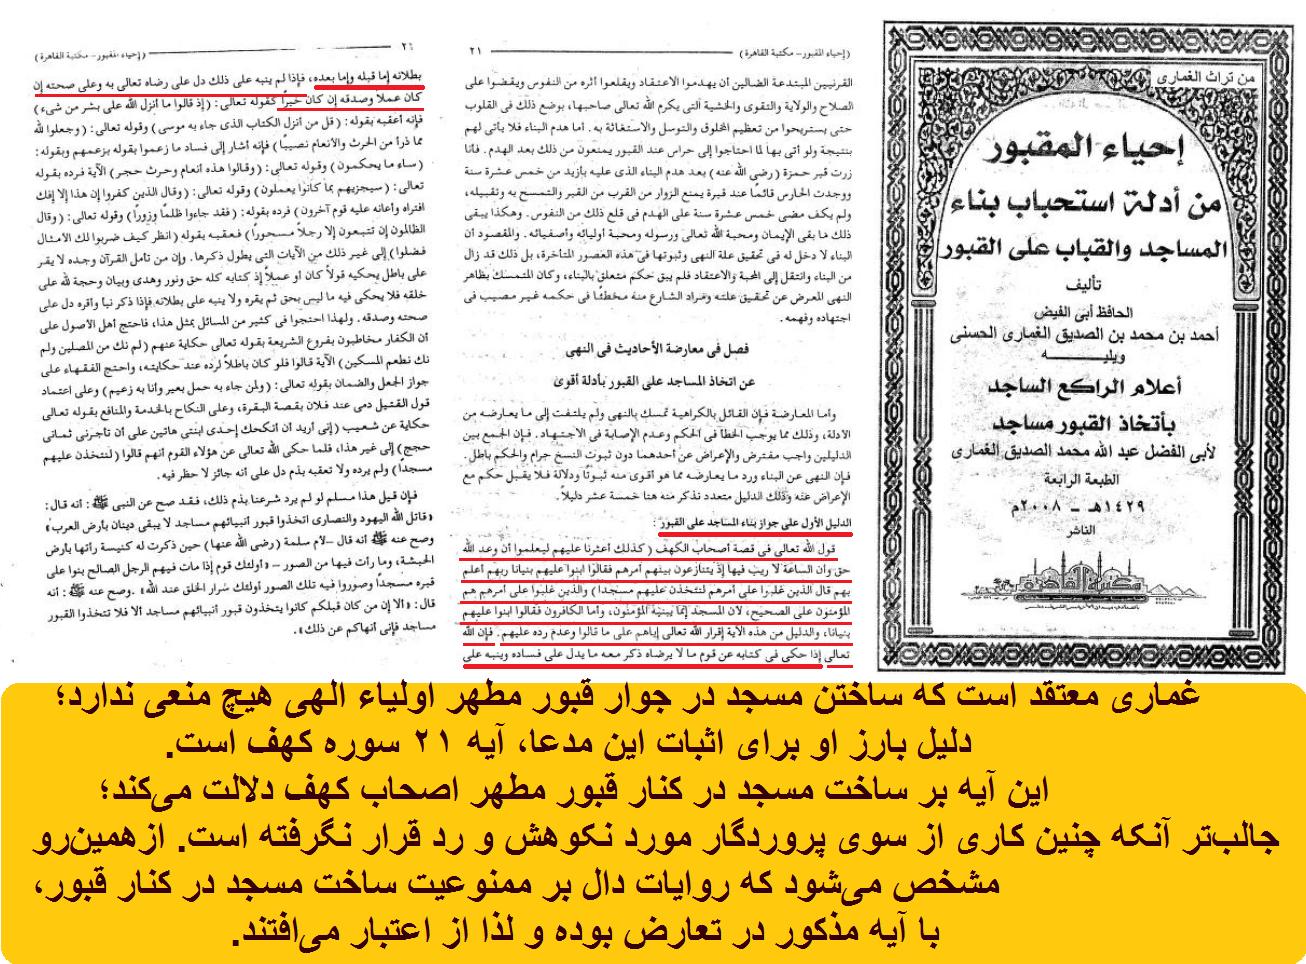 دلیل قرآنی ساخت مسجد در جوار قبور اولیاء الهی